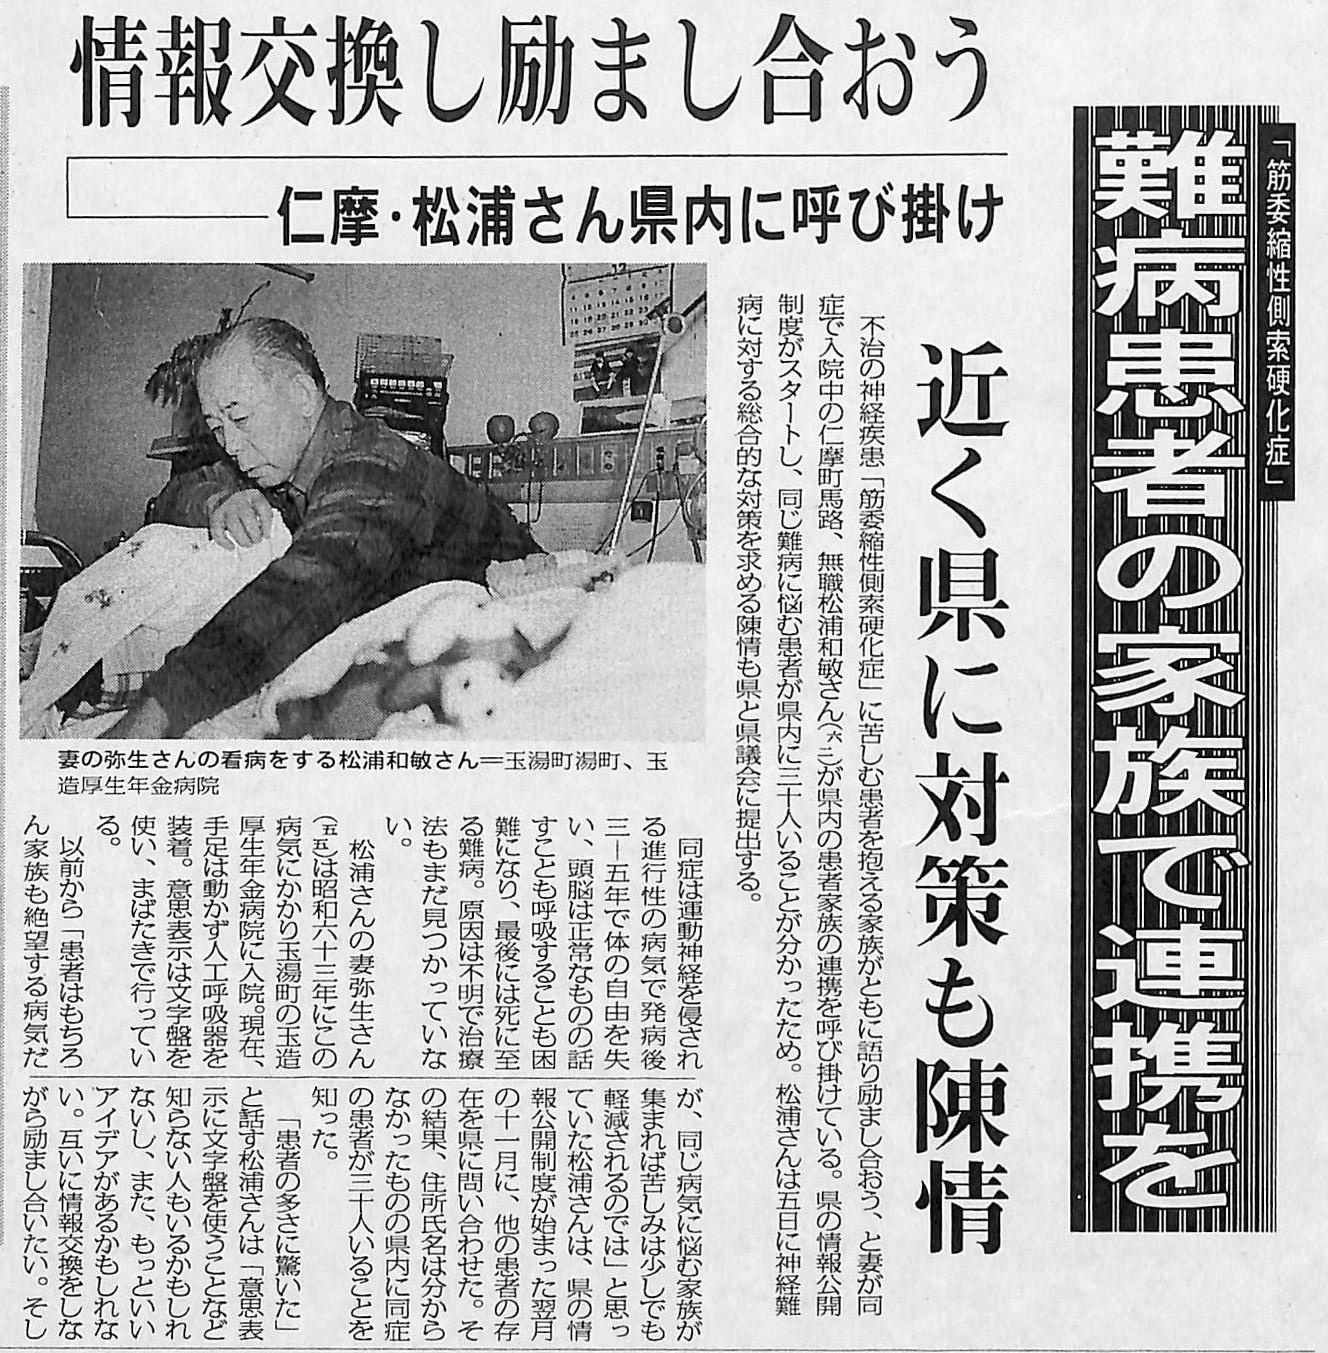 松浦さんが最初に県下の患者家族に連携を訴えたときの記事 (山陰中央新報1994 年12 月5 日)